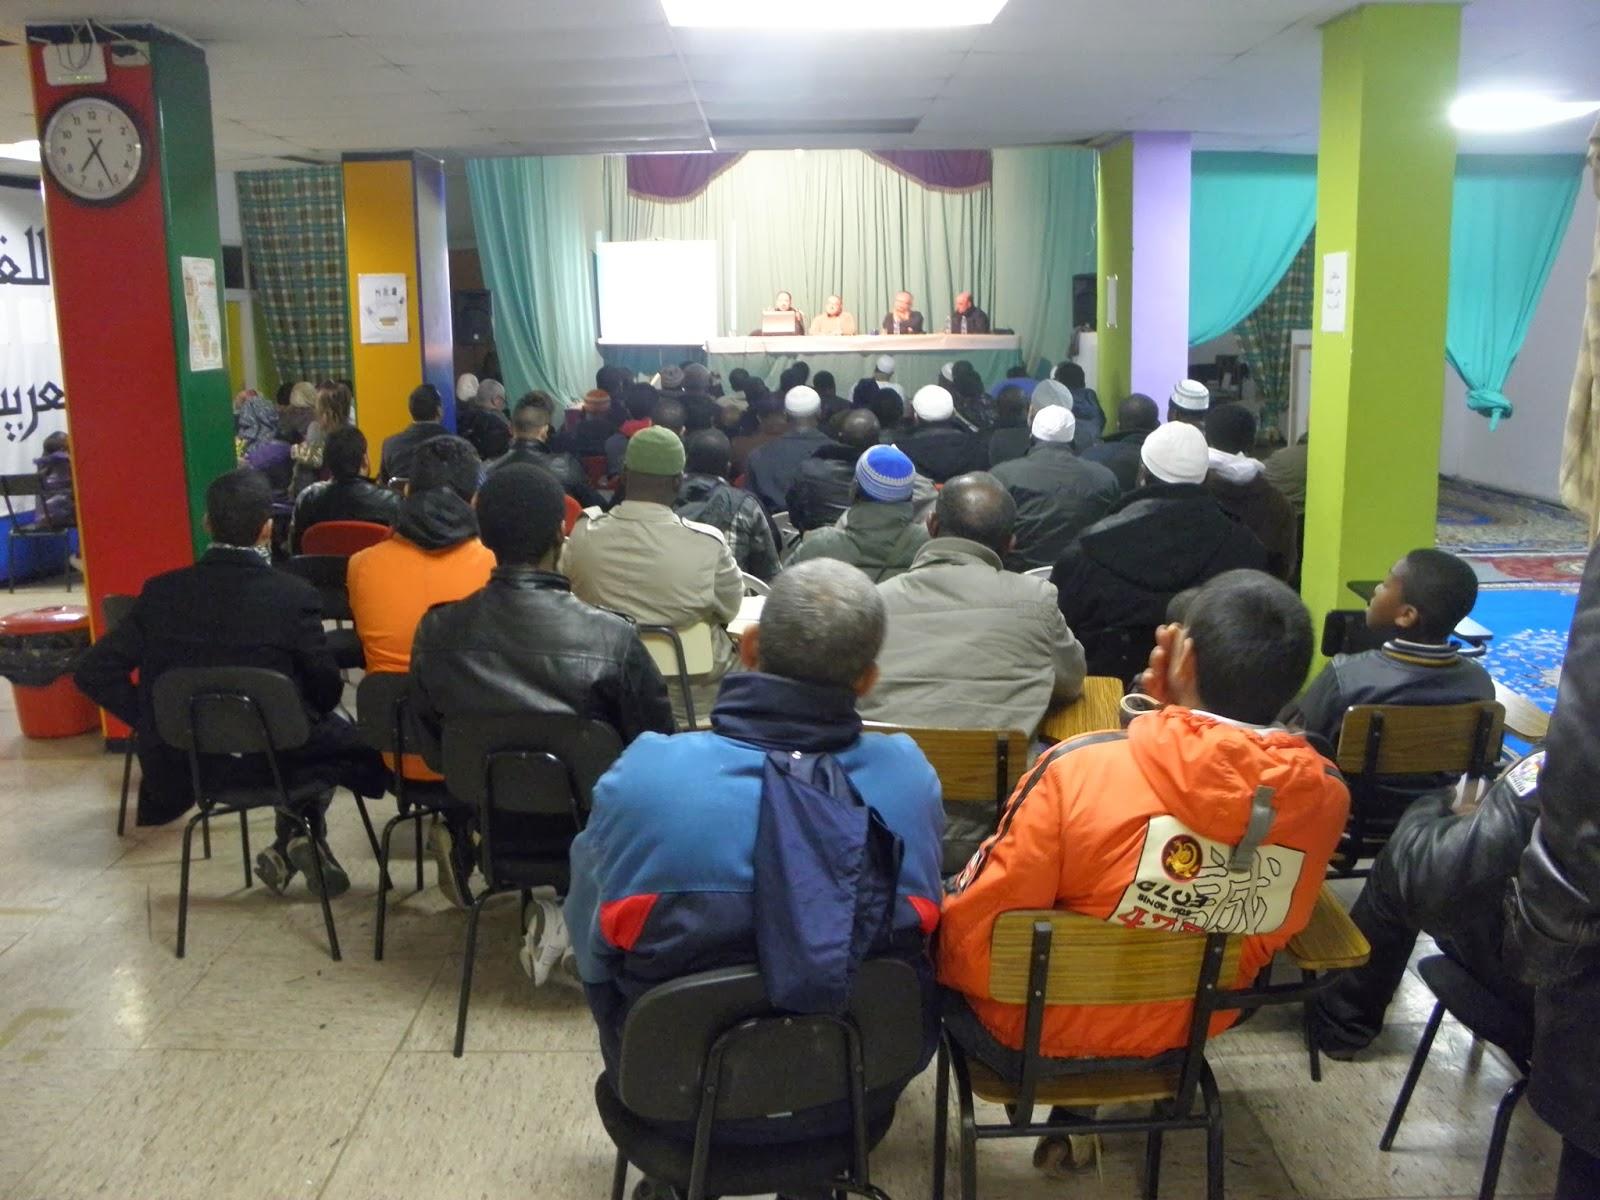 2º Encuentro con la Dirección General de policía nacional de Zaragoza